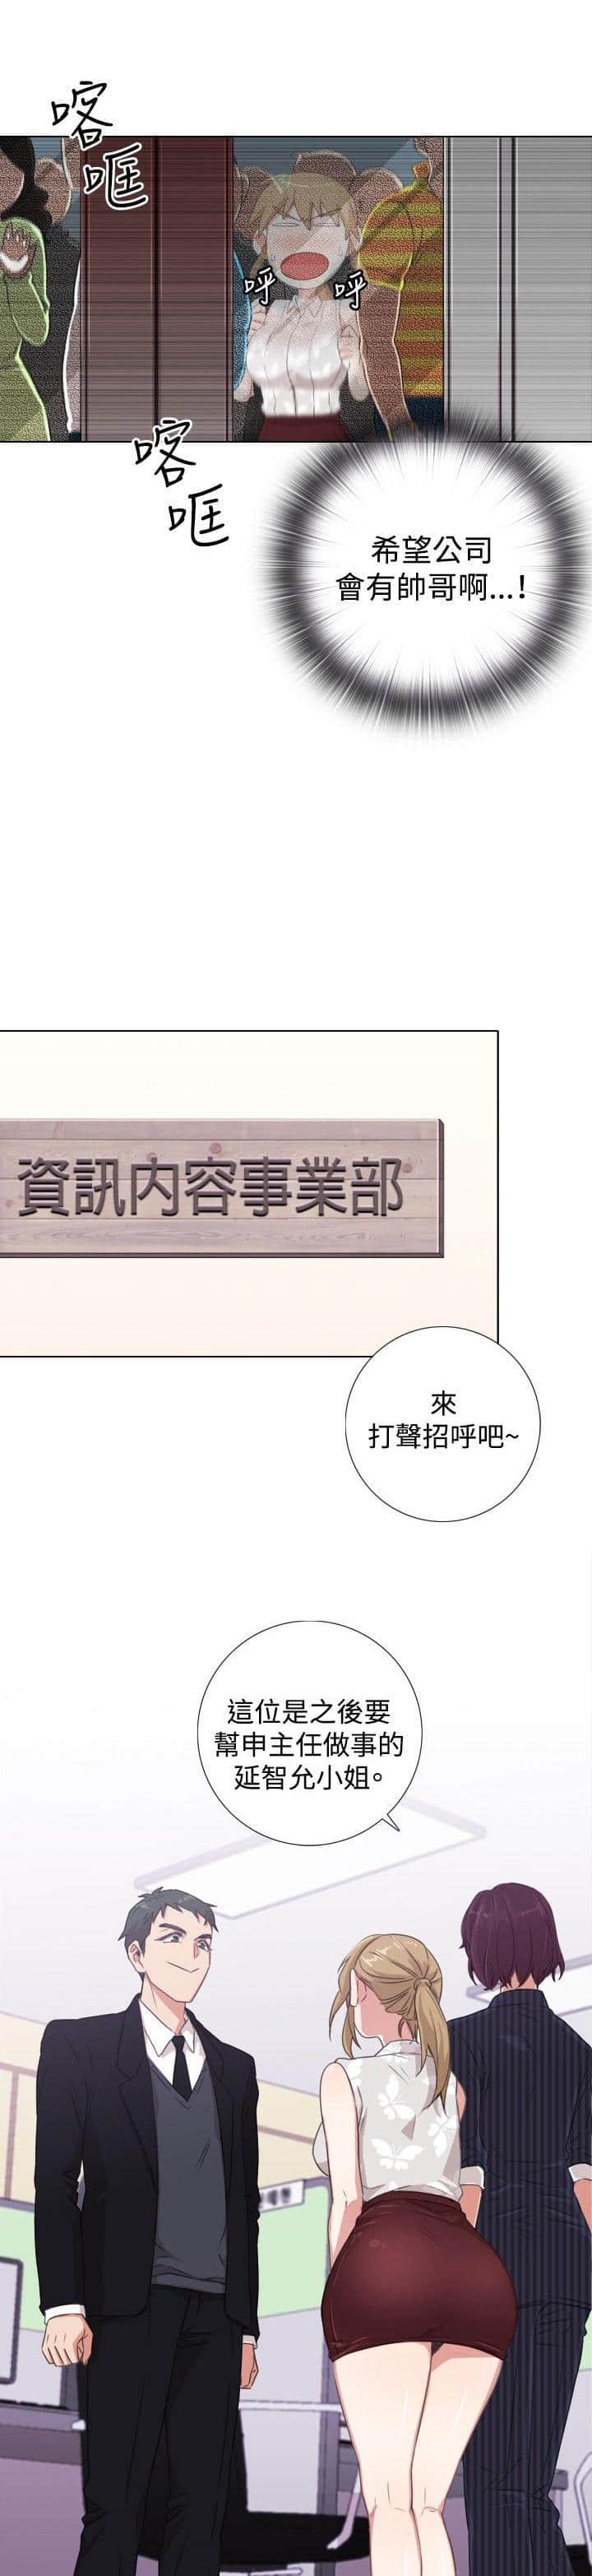 吸血鬼猎人d高清&完整版【全文免费阅读】